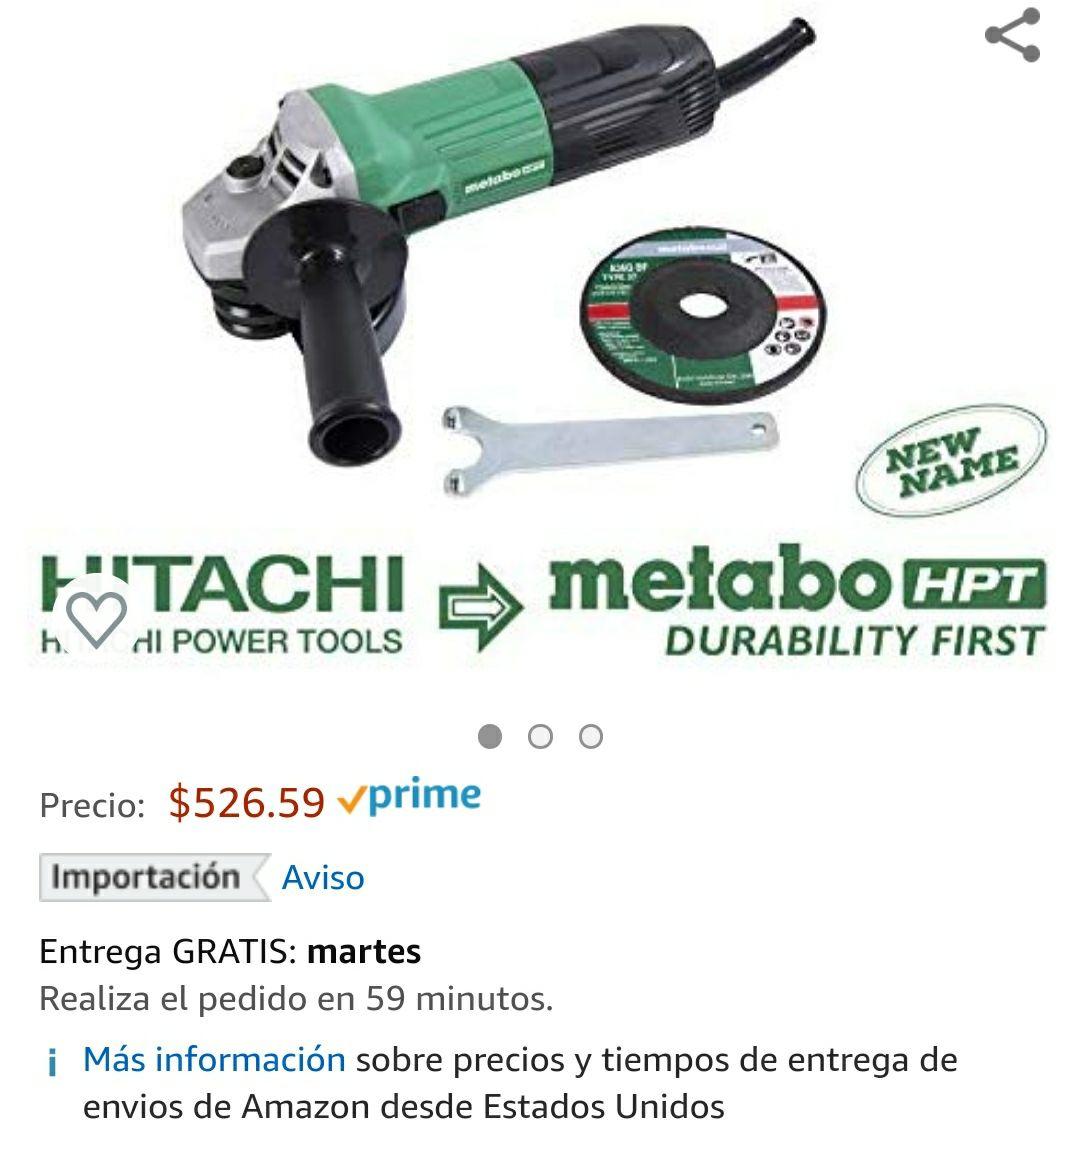 Amazon: mini esmeriladora Hitachi (Metabo) 4 1/2